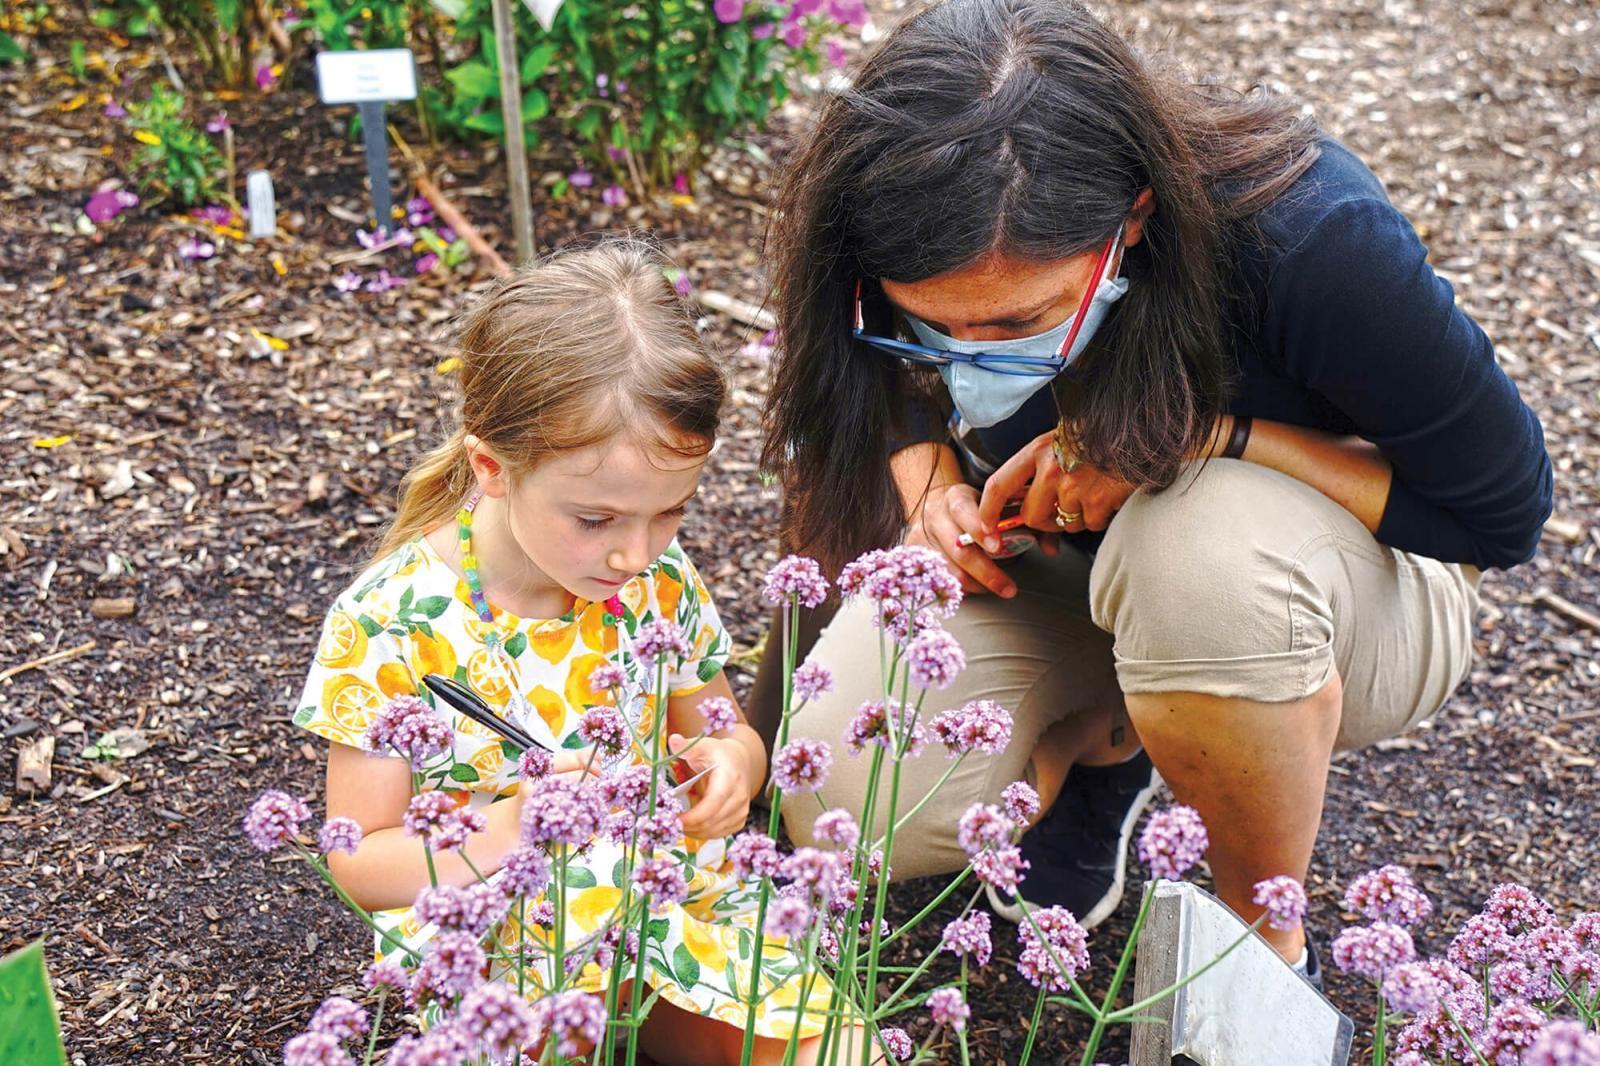 Trial Gardens open doors to new ideas